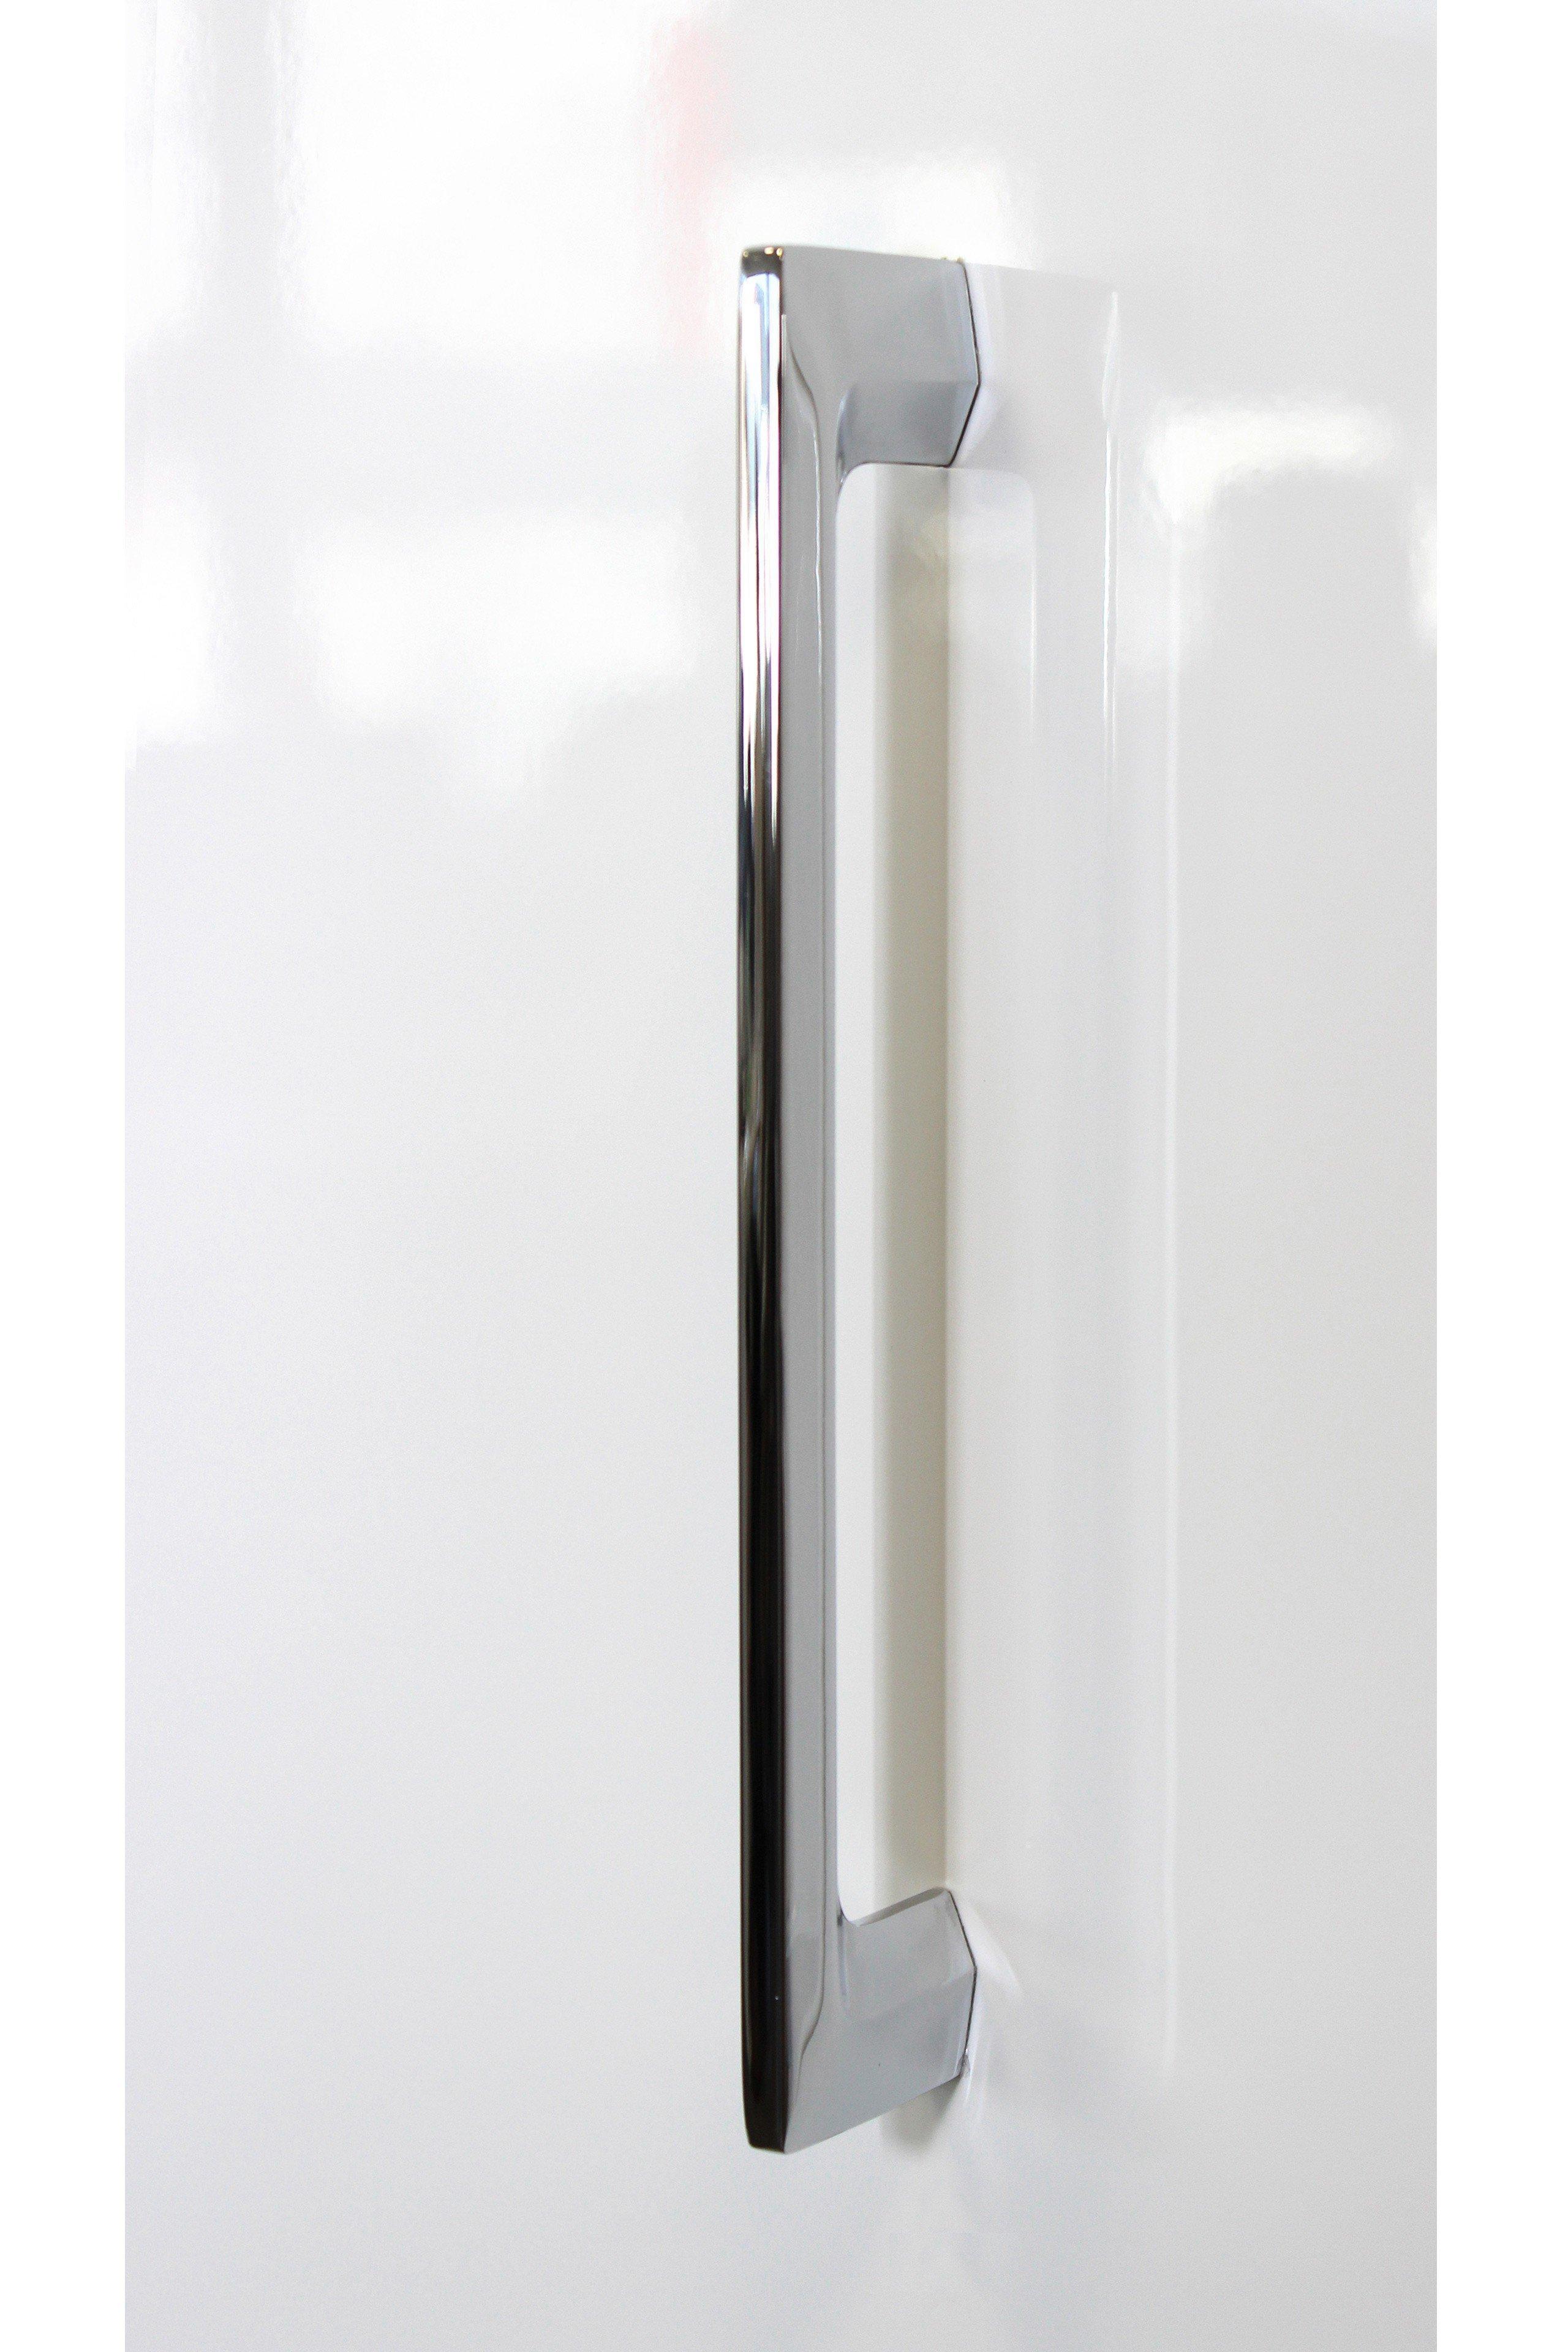 germania schuhschrank 0122 f r 40 paar schuhe m bel letz ihr online shop. Black Bedroom Furniture Sets. Home Design Ideas